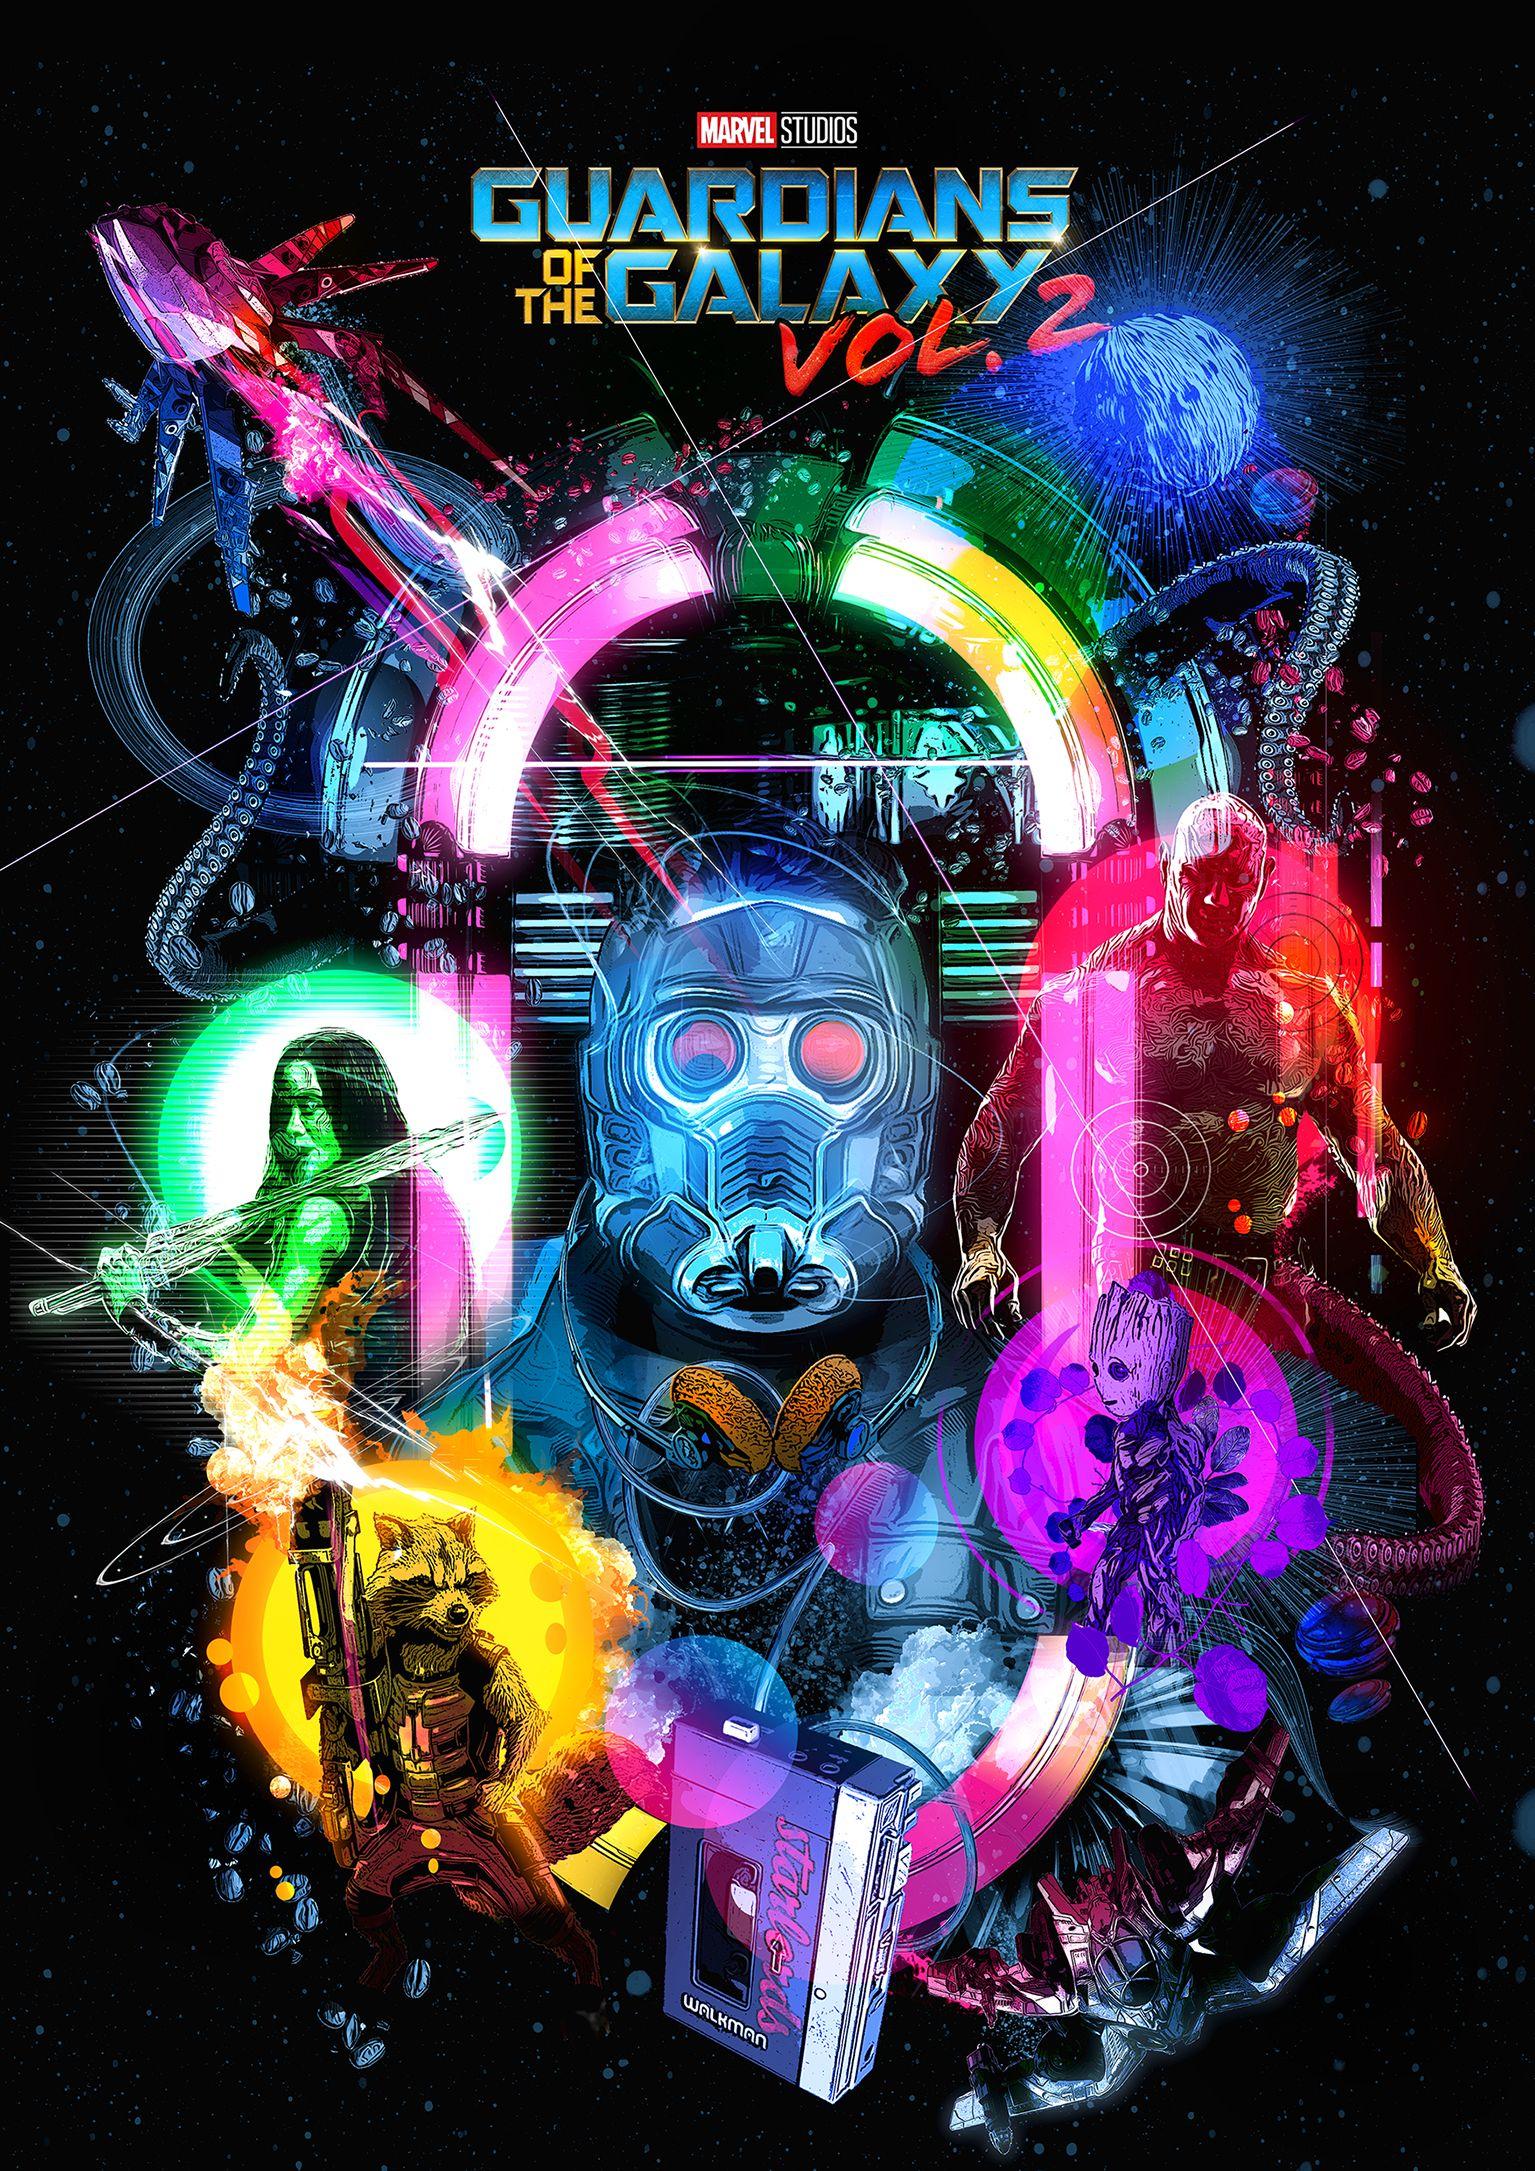 Etap 5 Nasha Dan Uvazheniya Hranitelej Dzhejms Gann Galaktiki Marvel Vyp 2 Oznachaet Nastalo Vremya Plak Marvel Movie Posters Marvel Guardians Of The Galaxy